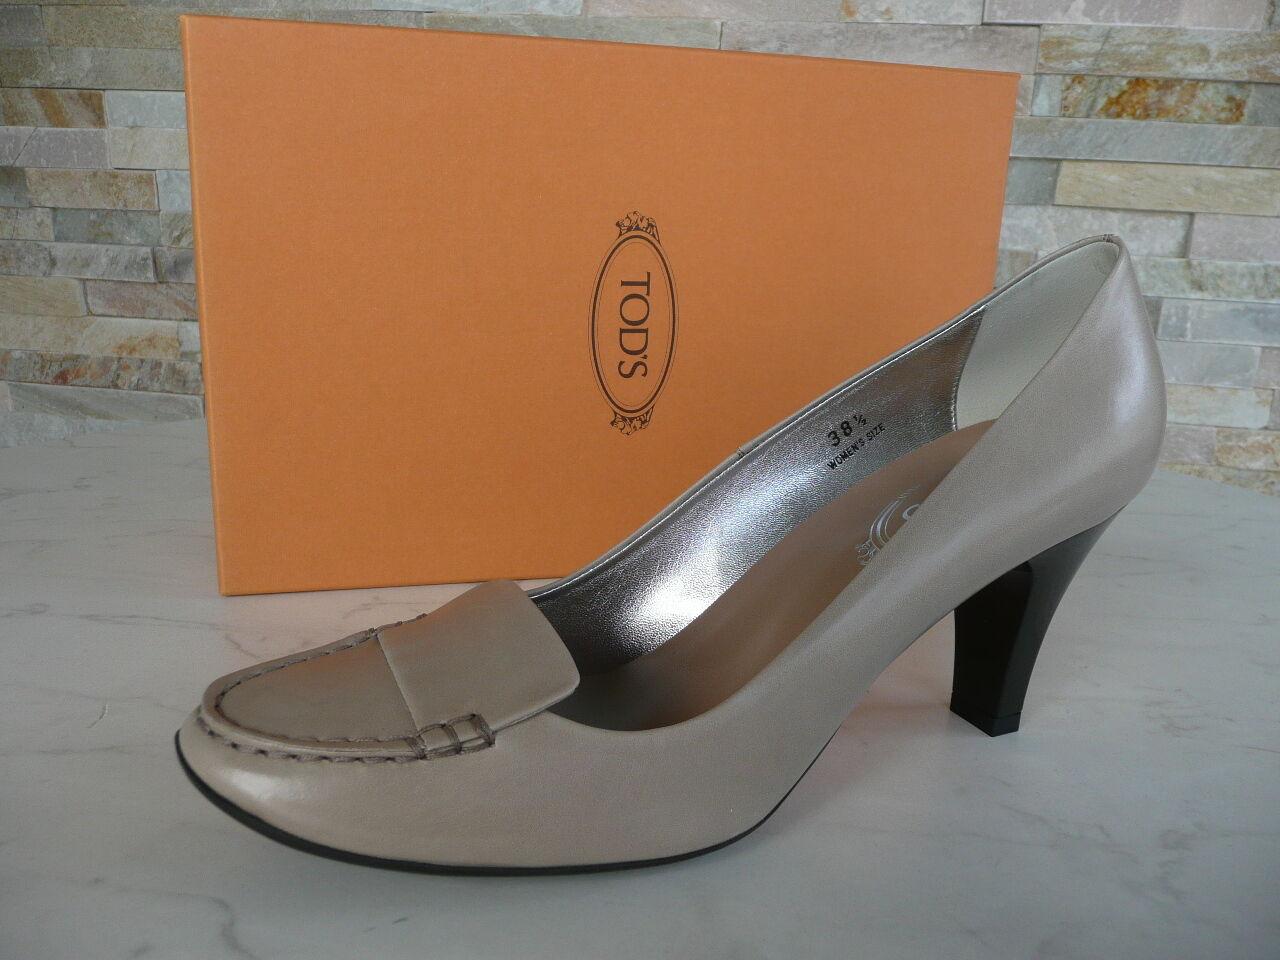 Original Tods Muerte´S Tacones Talla 39,5 Zapatos Zapatos Zapatos Bajos gris Beige Nuevo  descuento online